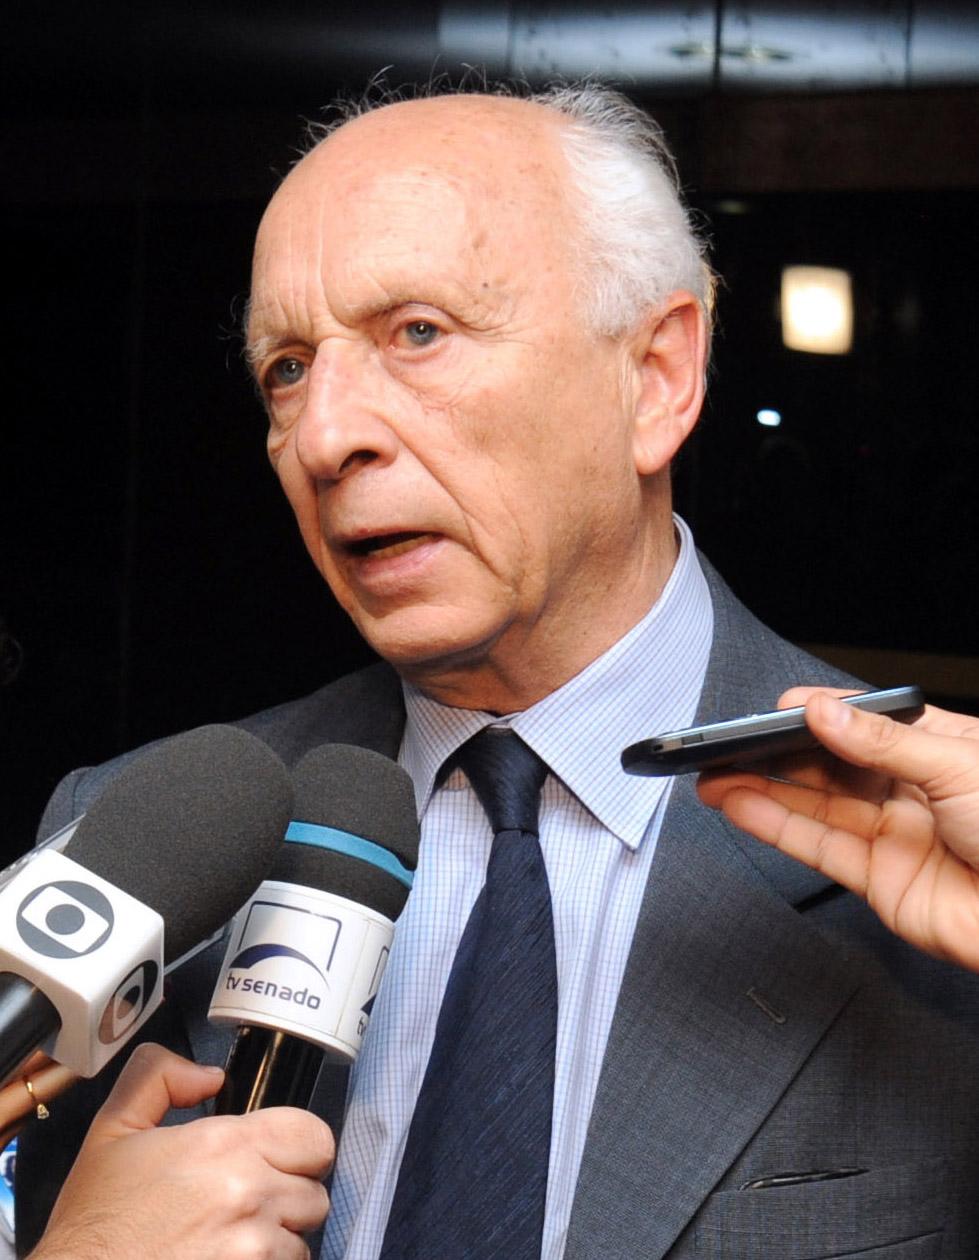 Embaixador Rubens Ricupero. Agência Senado